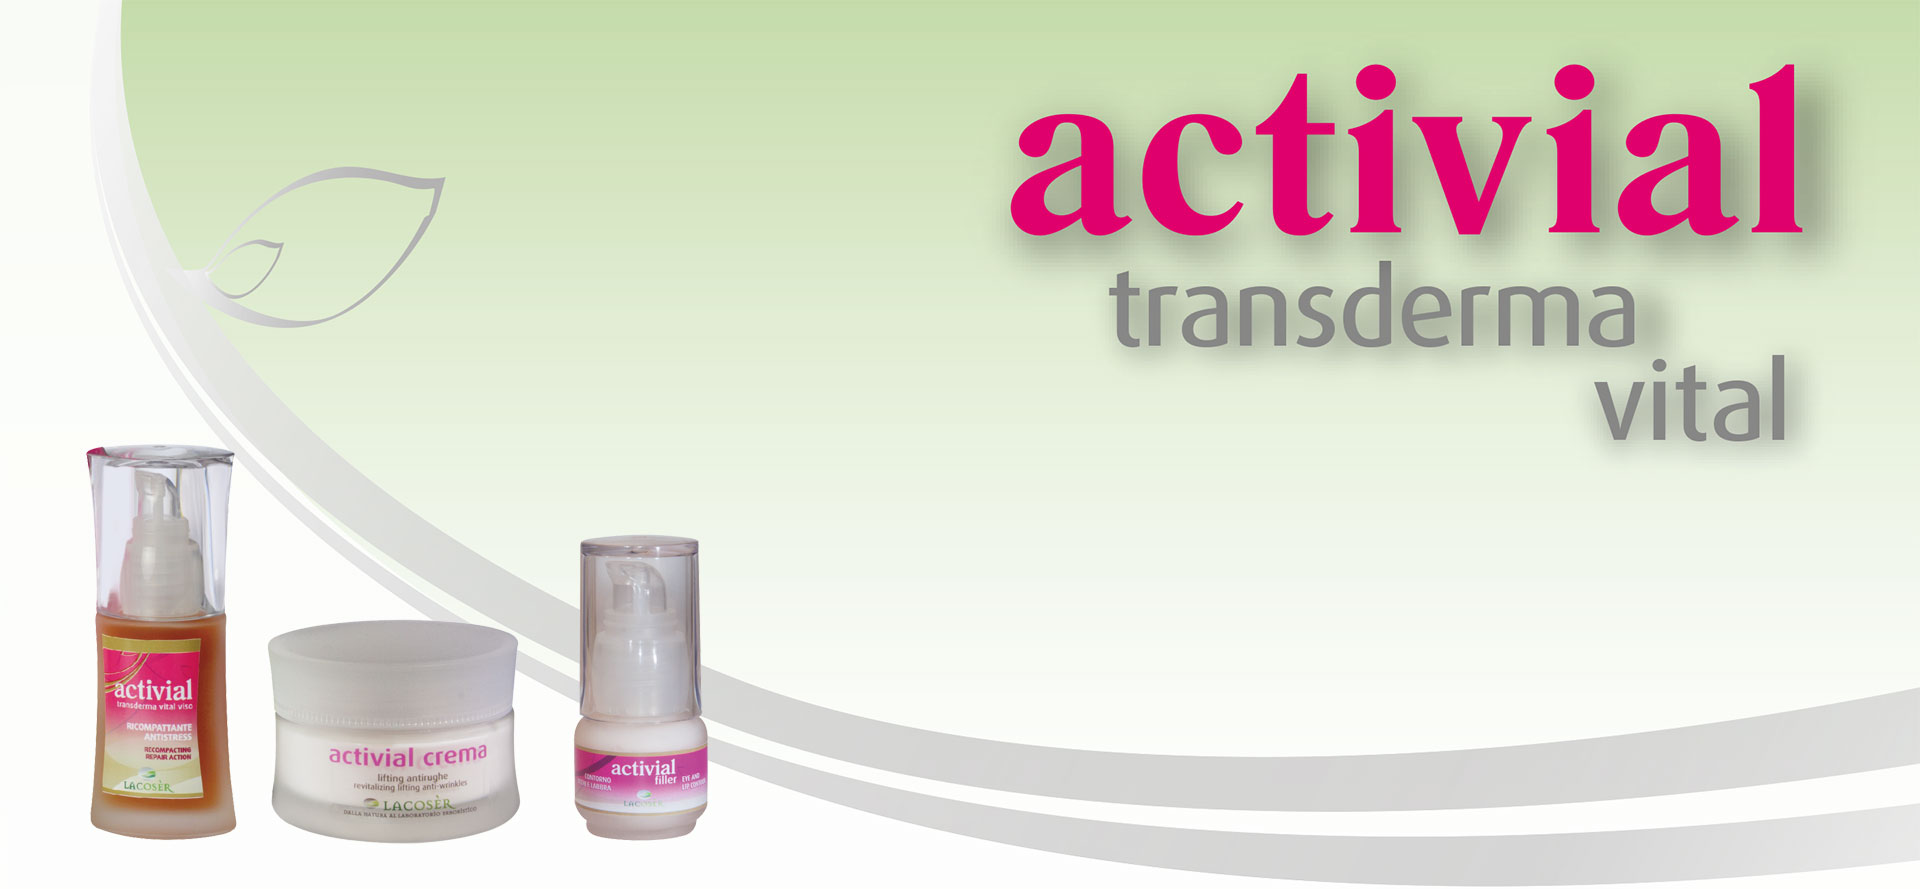 La linea ACTIVIAL transderma vital viso e corpo LACOSÈR sviluppa un'azione ristrutturante, riempitiva, ricompattante e antistress